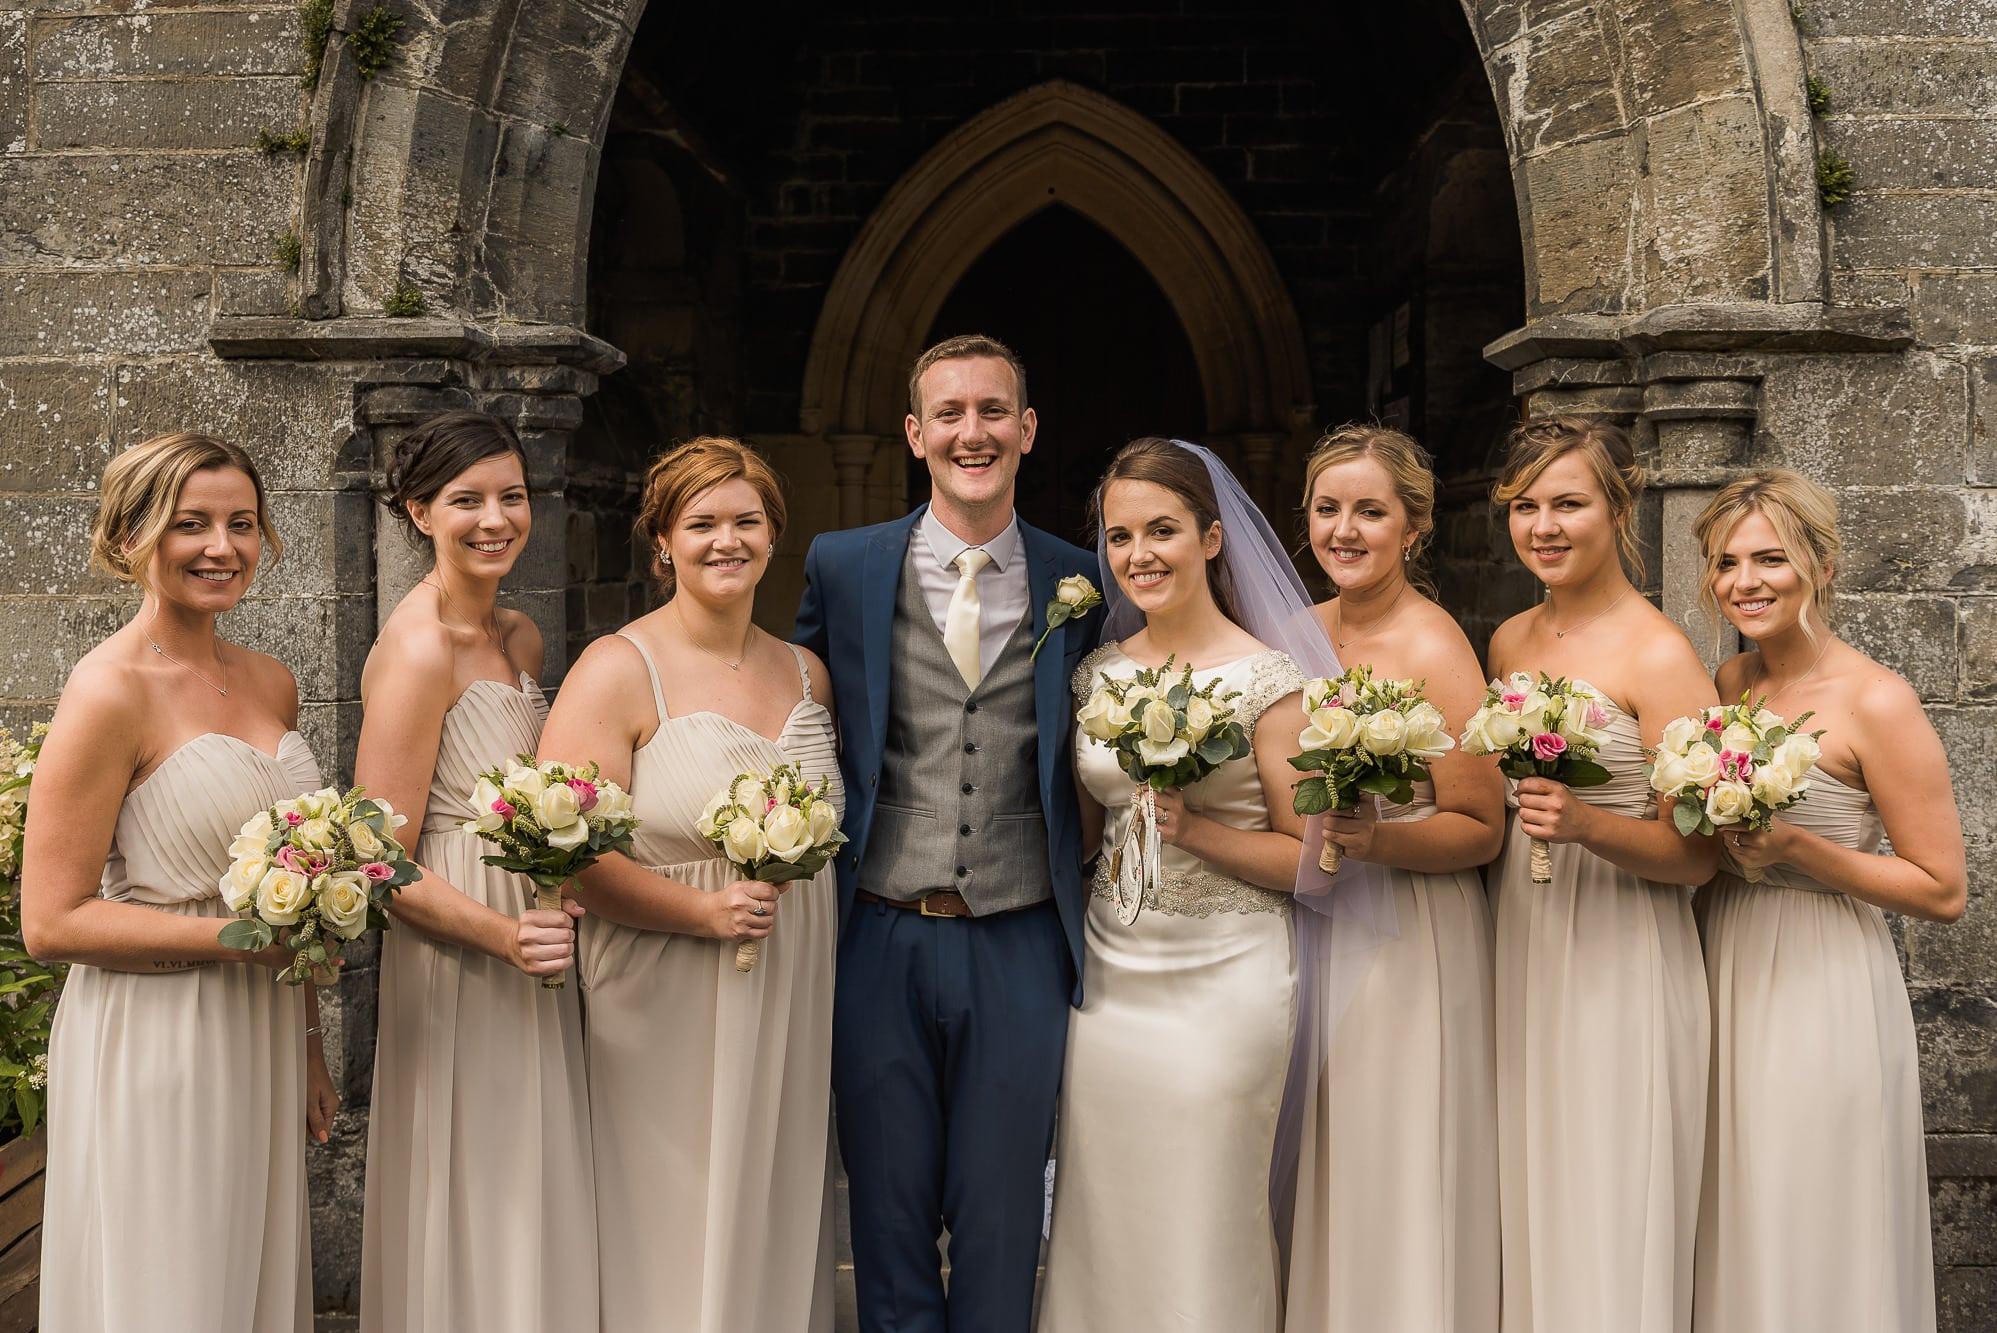 bride groom and bridesmaids